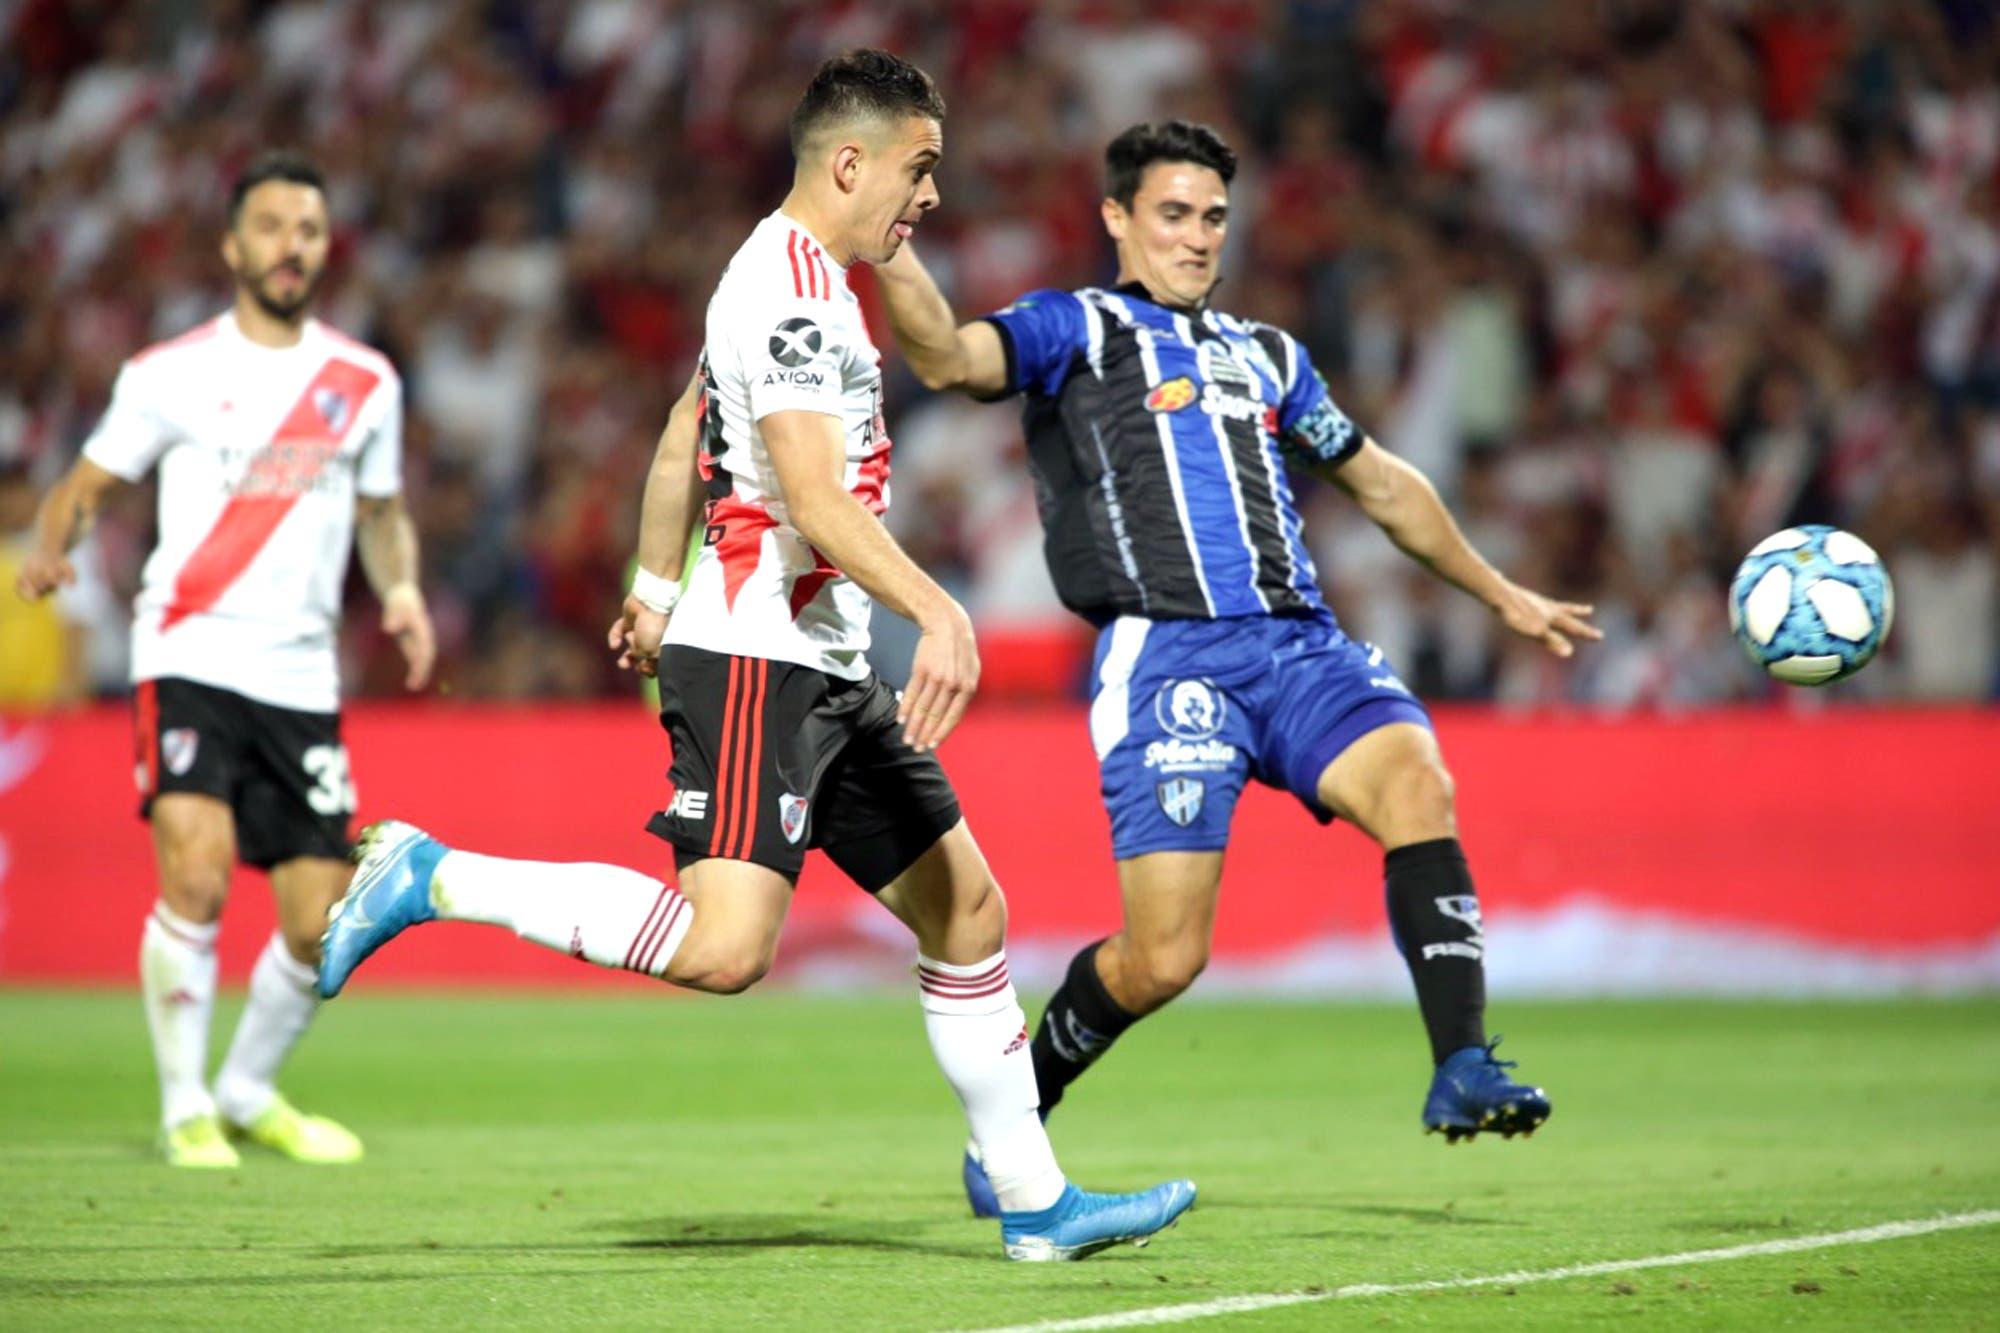 River-Almagro, por la Copa Argentina: un choque atractivo en busca de las semifinales